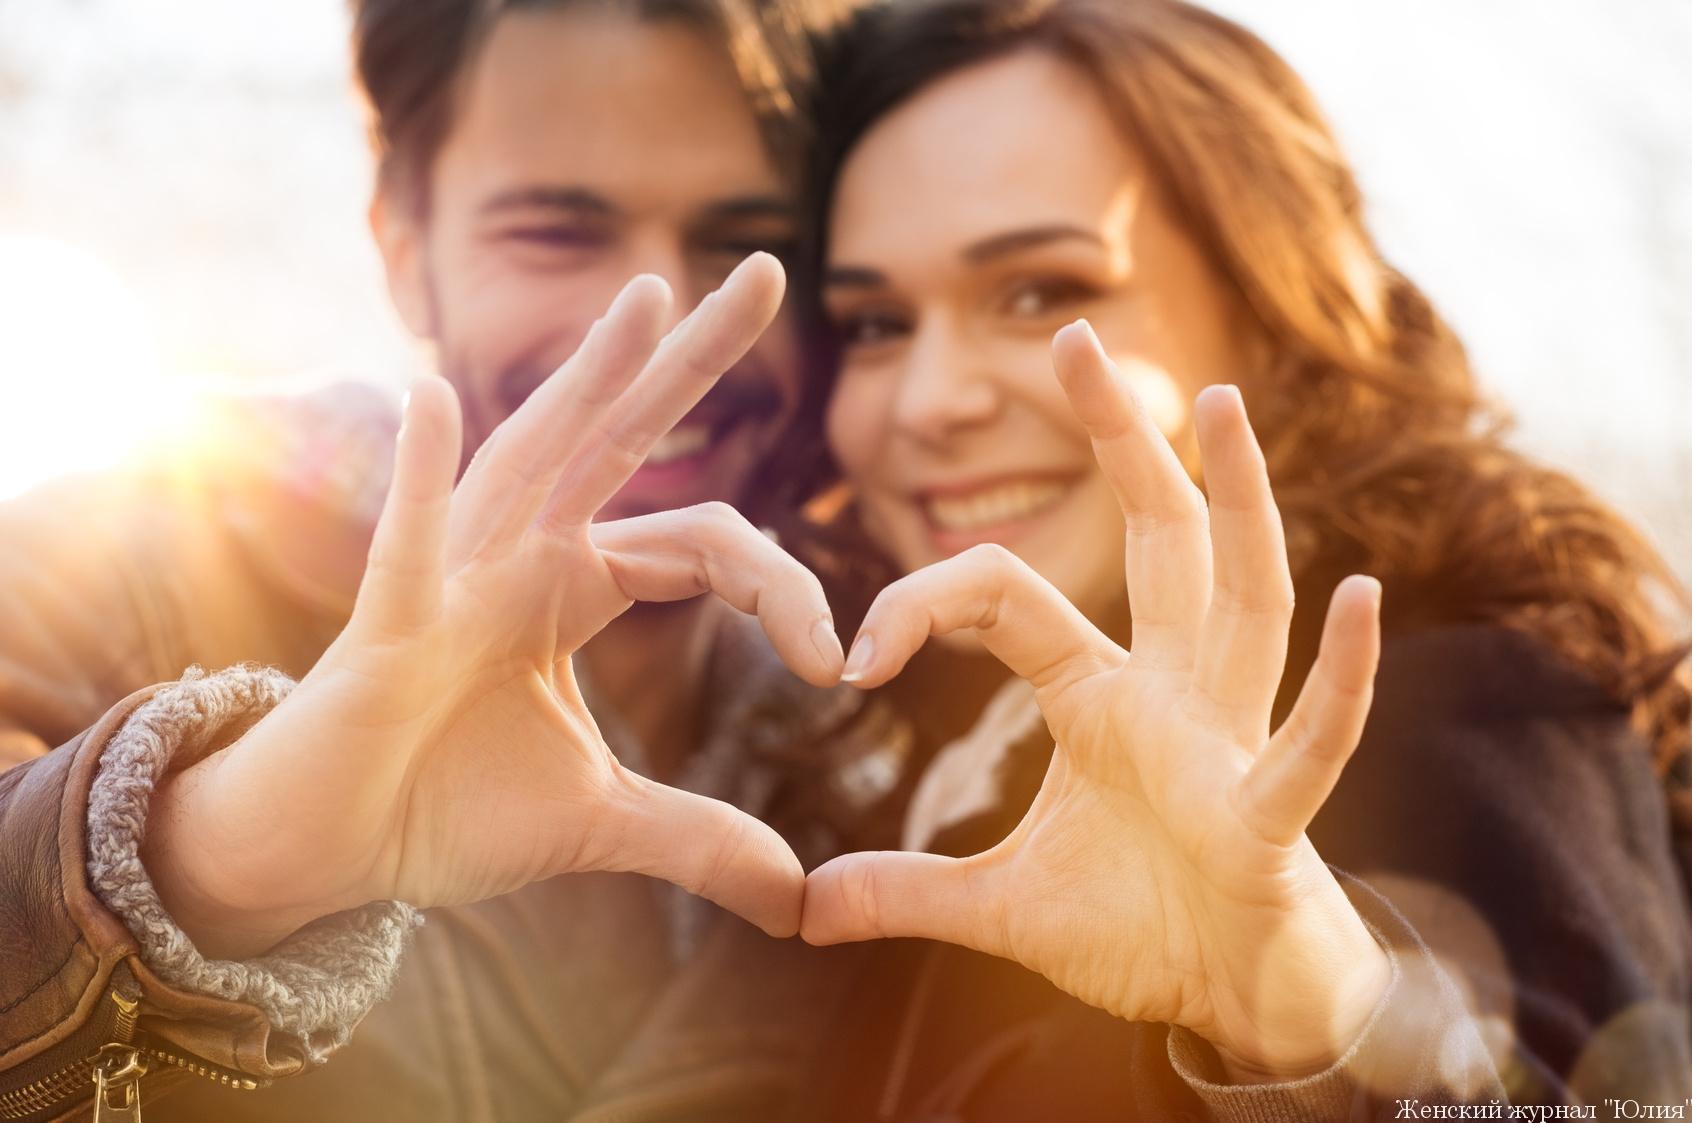 Когда и где я встречу свою любовь? – онлайн гадание